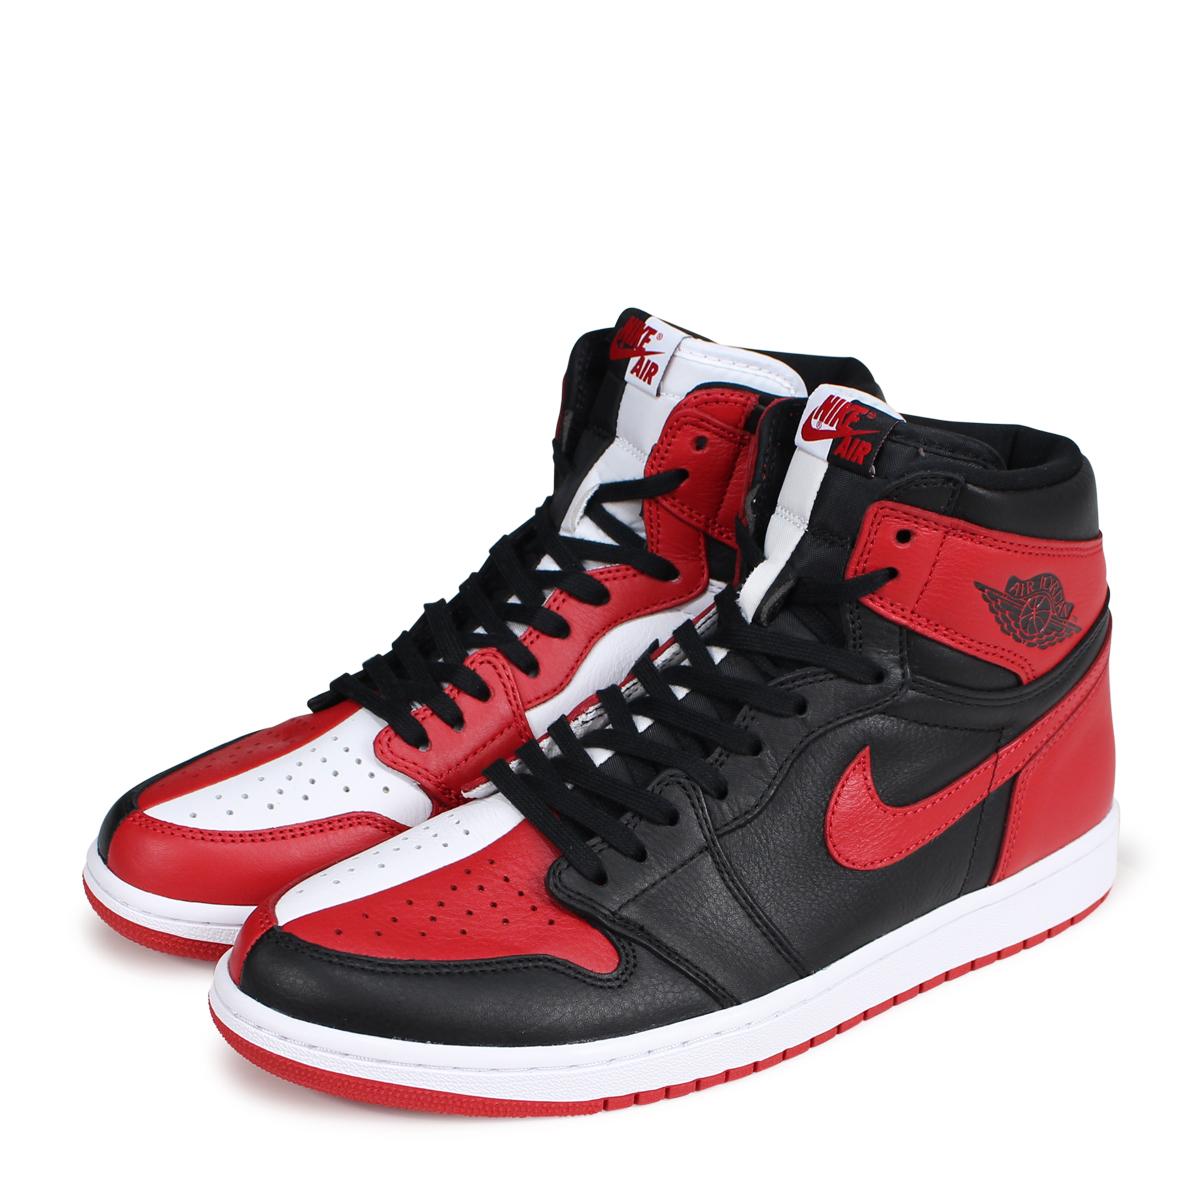 07e4fab8f4d0 ALLSPORTS  NIKE AIR JORDAN 1 RETRO HIGH OG HOMAGE TO HOME Nike Air ...